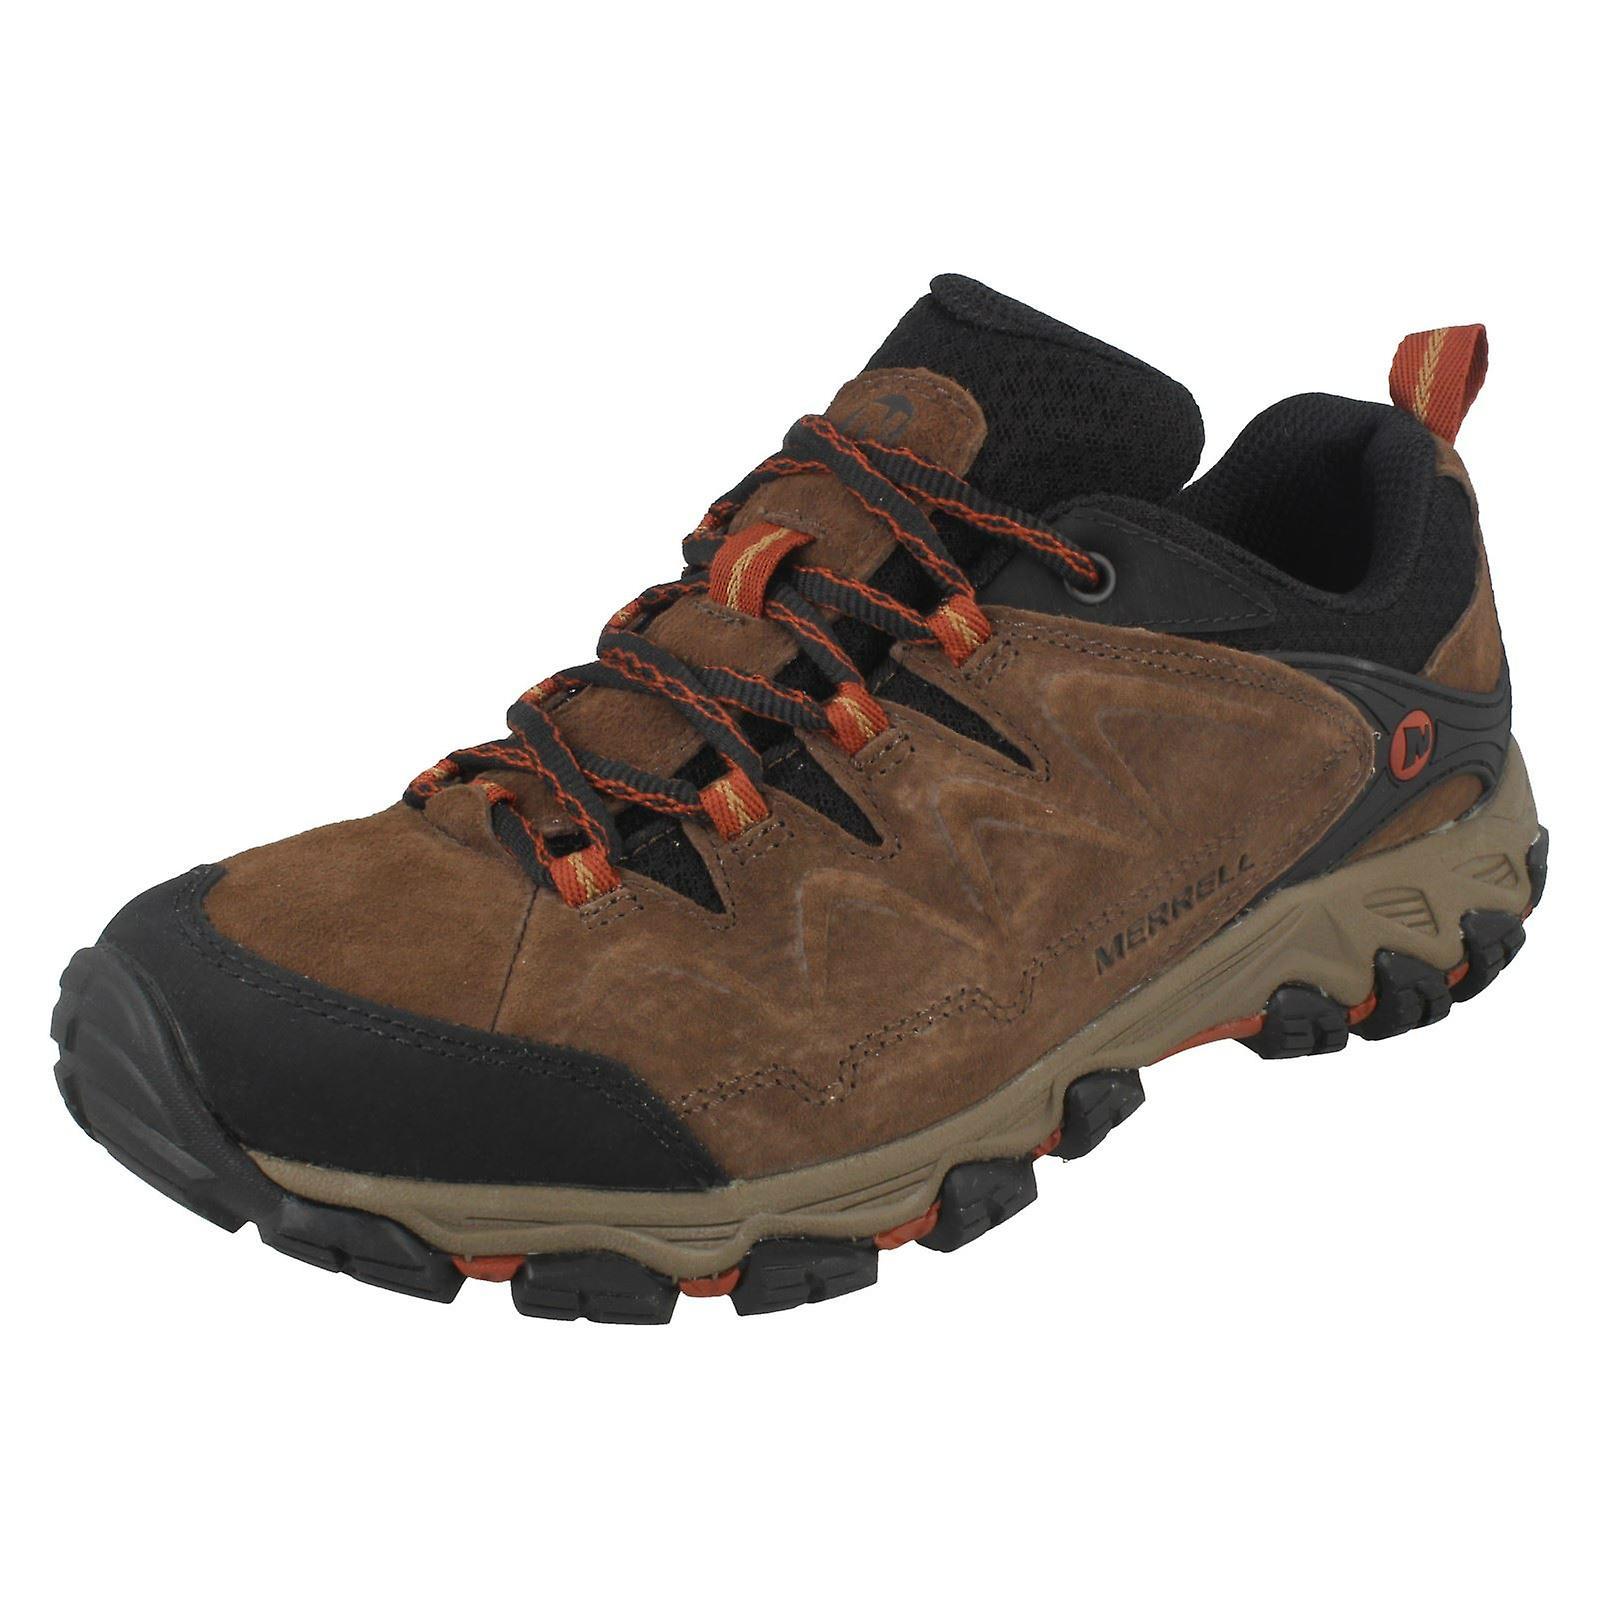 billigt för rabatt den bästa attityden fantastiskt pris bergqvist skor. merrell 85c6e32853 - khiankhao.com